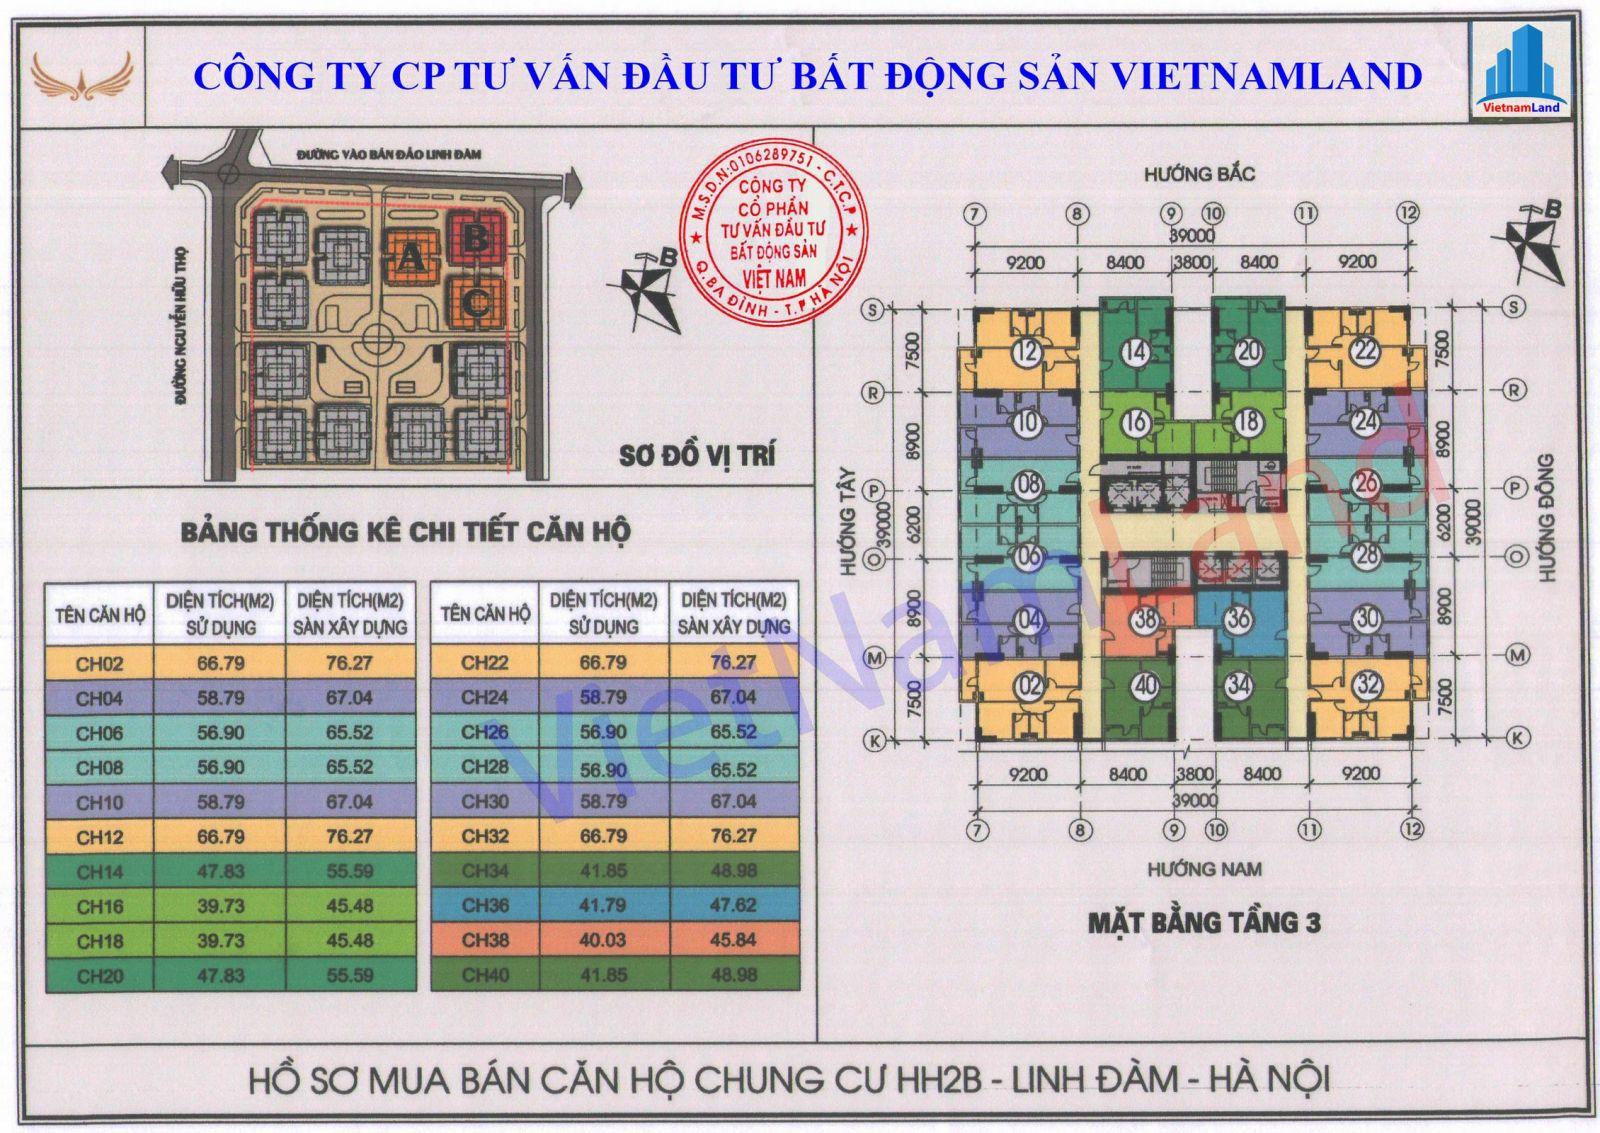 tang-3-hh2b-linh-dam